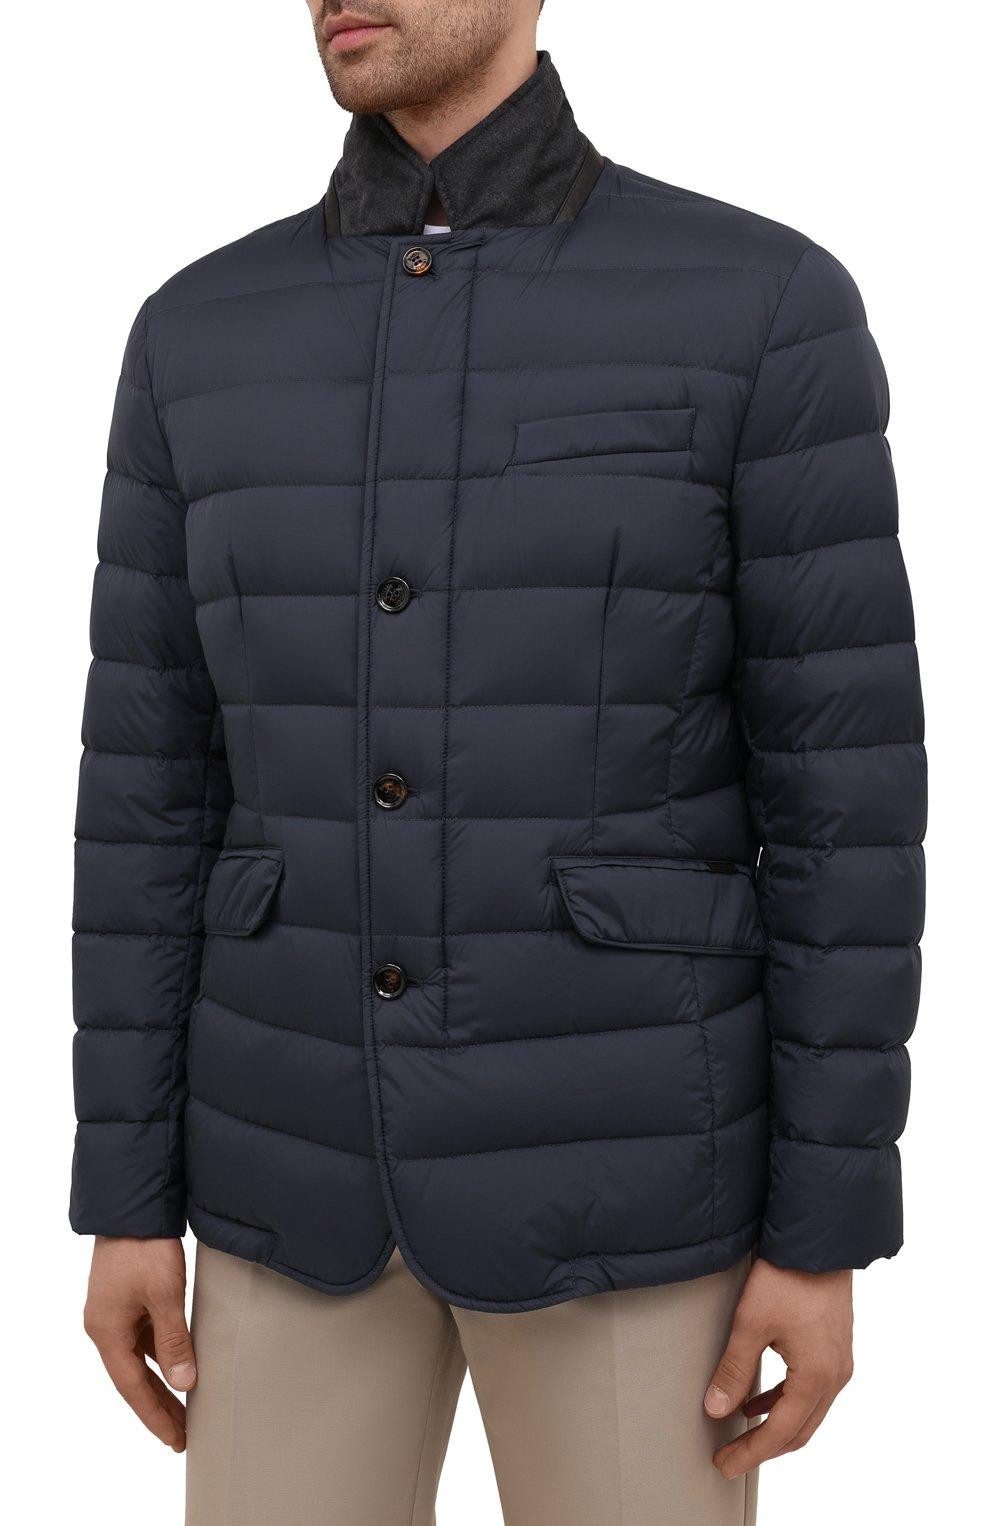 Мужская пуховая куртка zayn-op MOORER синего цвета, арт. ZAYN-0P/M0UGI100307-TEPA017 | Фото 3 (Кросс-КТ: Куртка; Мужское Кросс-КТ: пуховик-короткий; Рукава: Длинные; Материал внешний: Синтетический материал; Материал подклада: Синтетический материал; Длина (верхняя одежда): Короткие; Материал утеплителя: Пух и перо; Стили: Кэжуэл)